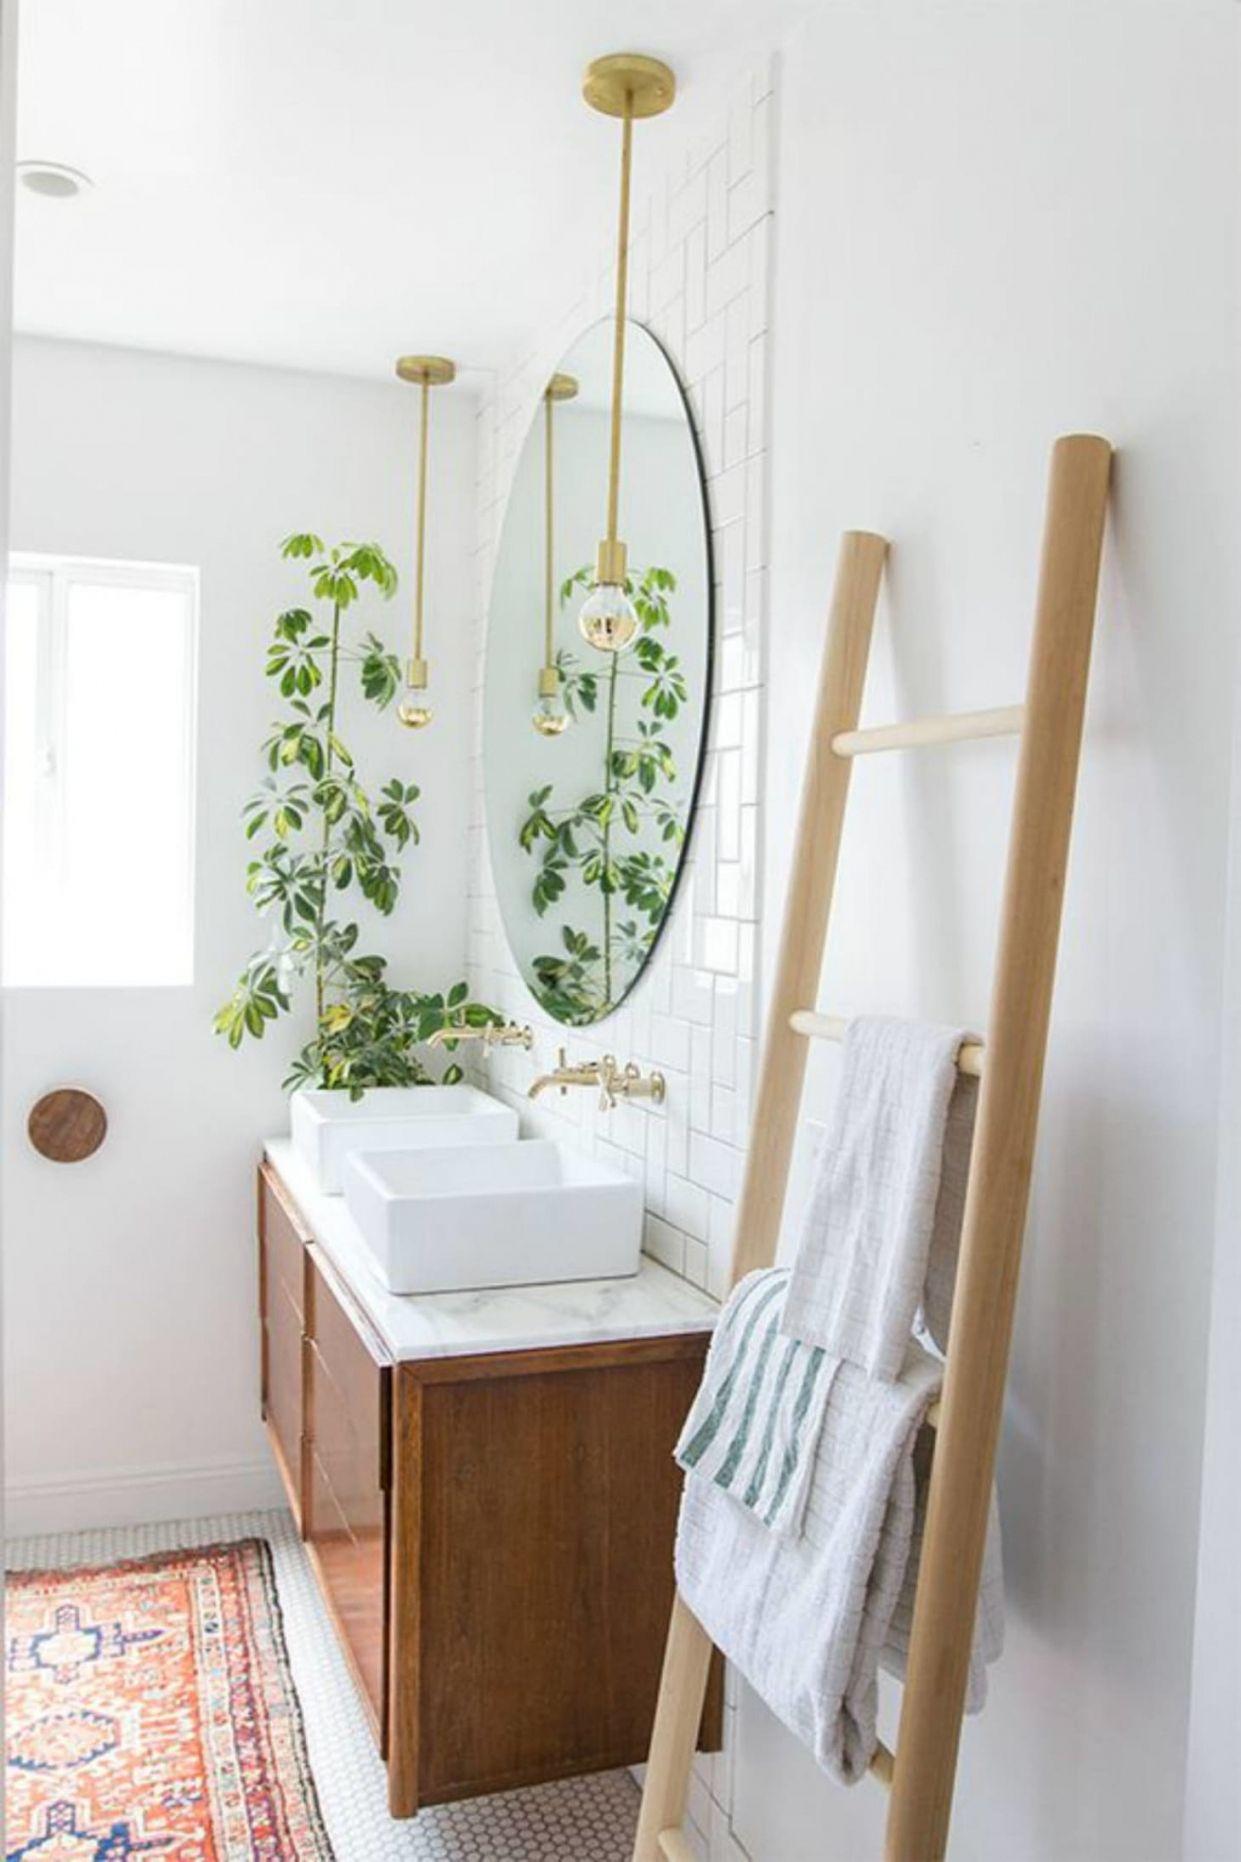 Gợi ý 10 cách thiết kế spa tại nhà giúp nâng tầm không gian phòng tắm - Ảnh 9.